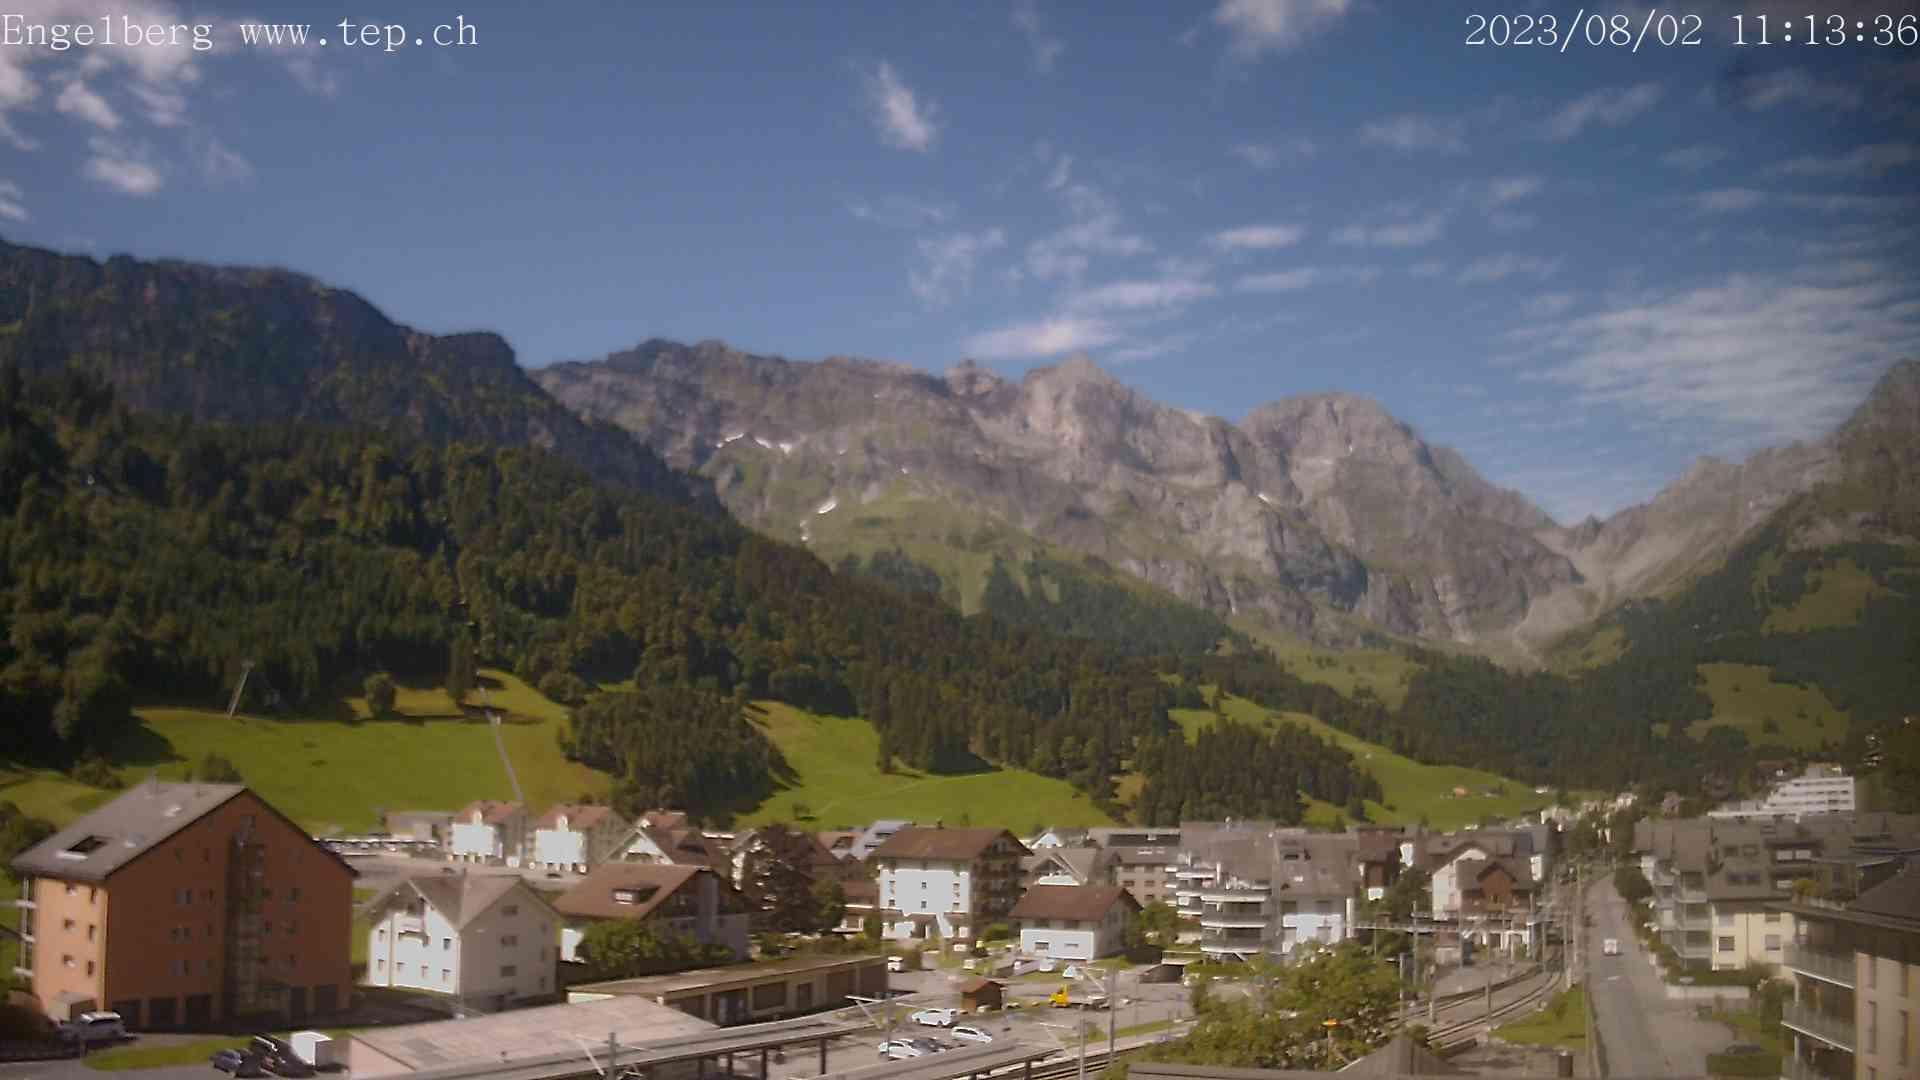 Engelberg village webcam